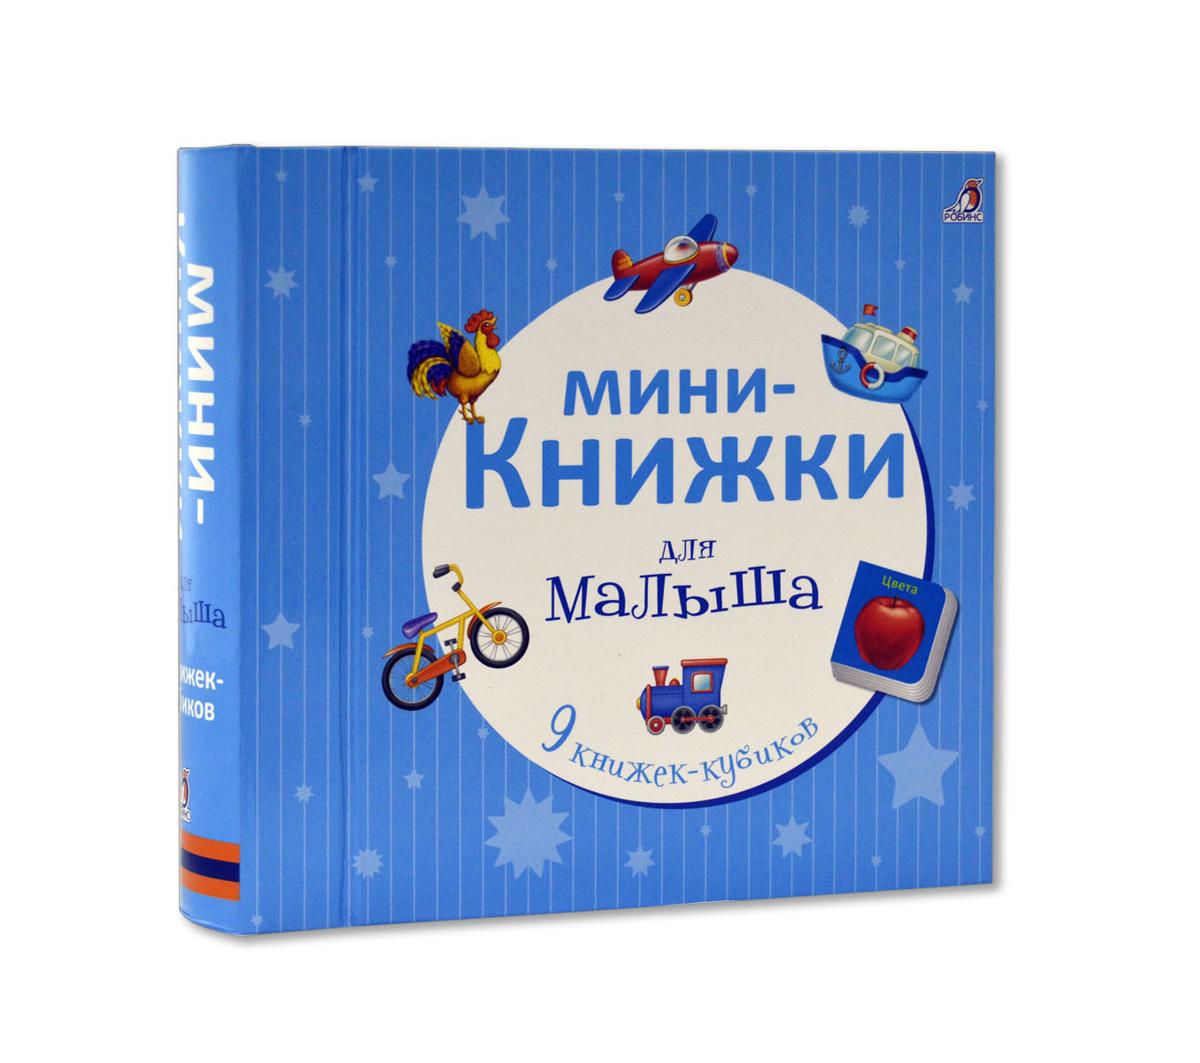 Мини-книжки для малыша (комплект из 9 книжек-кубиков)12296407Набор книжек-кубиков - это обучающее игровое пособие для детей. Внутри вы найдете 9 мини-книжек на самые первые развивающие темы, которые будут интересны мальчикам. Яркие картинки и подписи к ними помогут малышу познакомиться с окружающим миром, научиться произносить первые слова, а также пополнят его активный и пассивный словарь. Собирайте из кубиков пирамидки, играйте с книжками как с погремушками, рассматривайте картинки и запоминайте новые слова, собирайте картинку-пазл, которая спрятана на обороте книжек-кубиков. В чем особенность книги: Удобная форма коробки для игры с ребёнком. Каждая книжка-погремушка сделана из очень плотного материала со скругленными уголками, поэтому малышу будет непросто порвать или испортить их, а так же пораниться. Книжками-погремушками можно греметь и трещать (сложив первую и последнюю страницу вместе), как музыкальными инструментами. Стильные и яркие картинки...